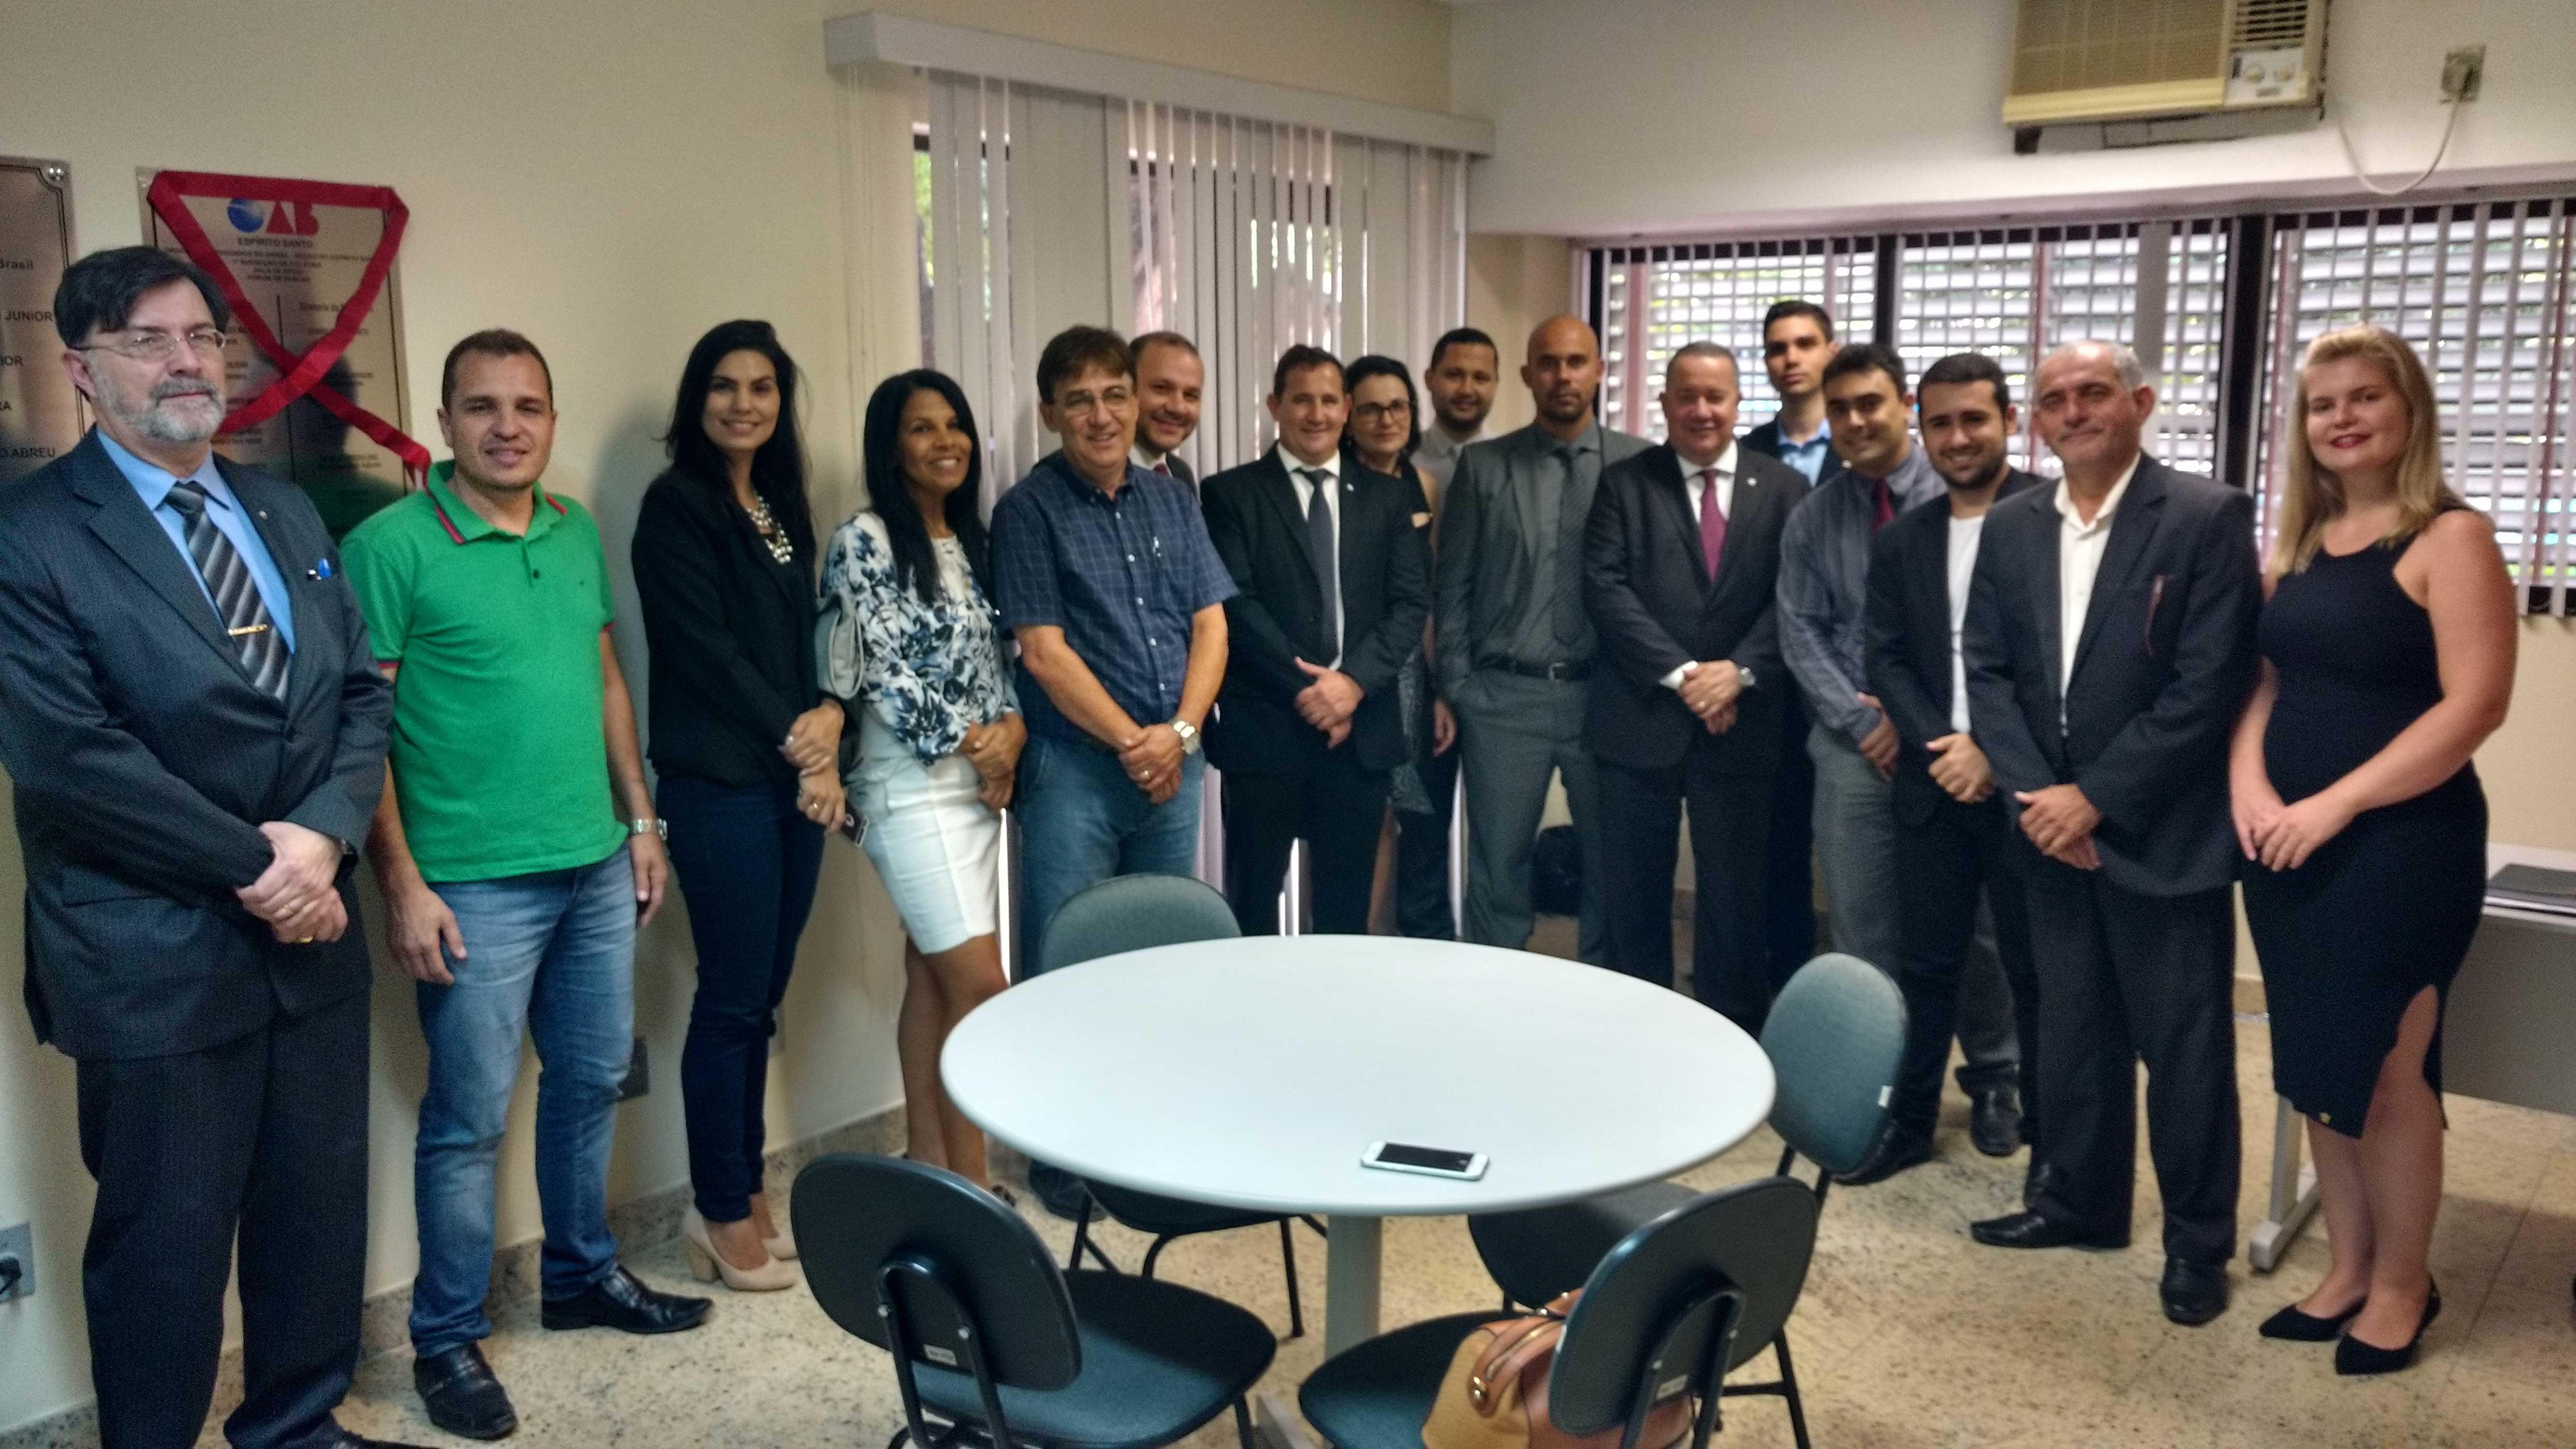 Advocacia de Pancas e autoridades reunidas na nova sala da OAB-ES. Foto: Divulgação.